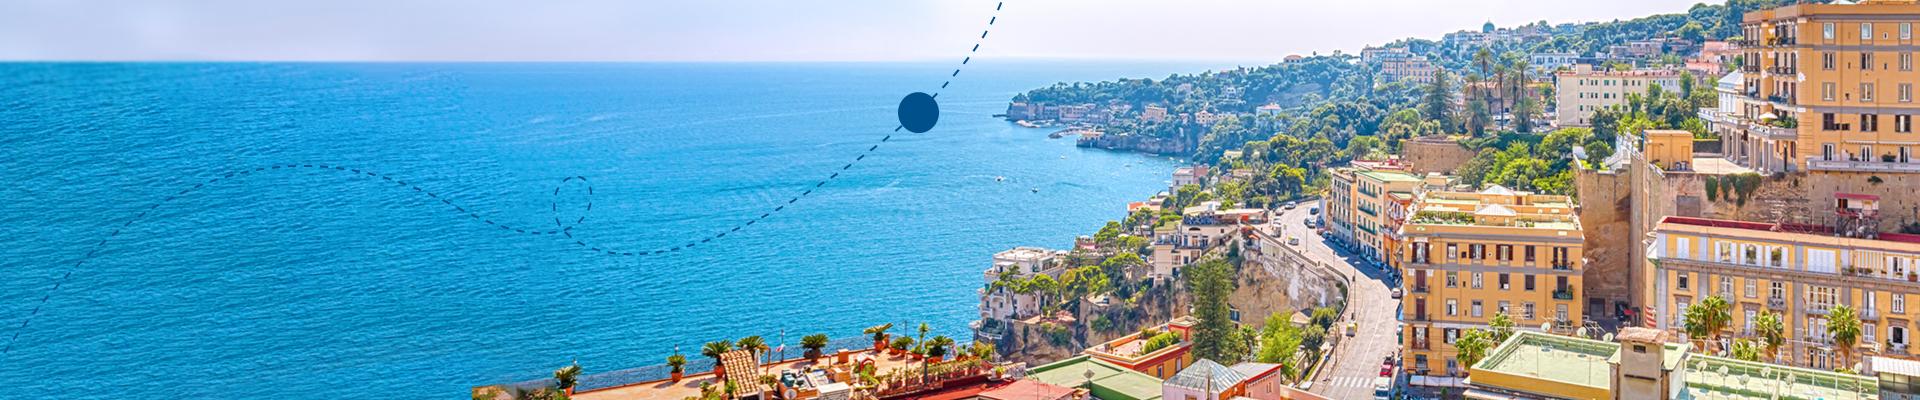 ¿Qué no debes perderte en Nápoles, Italia?